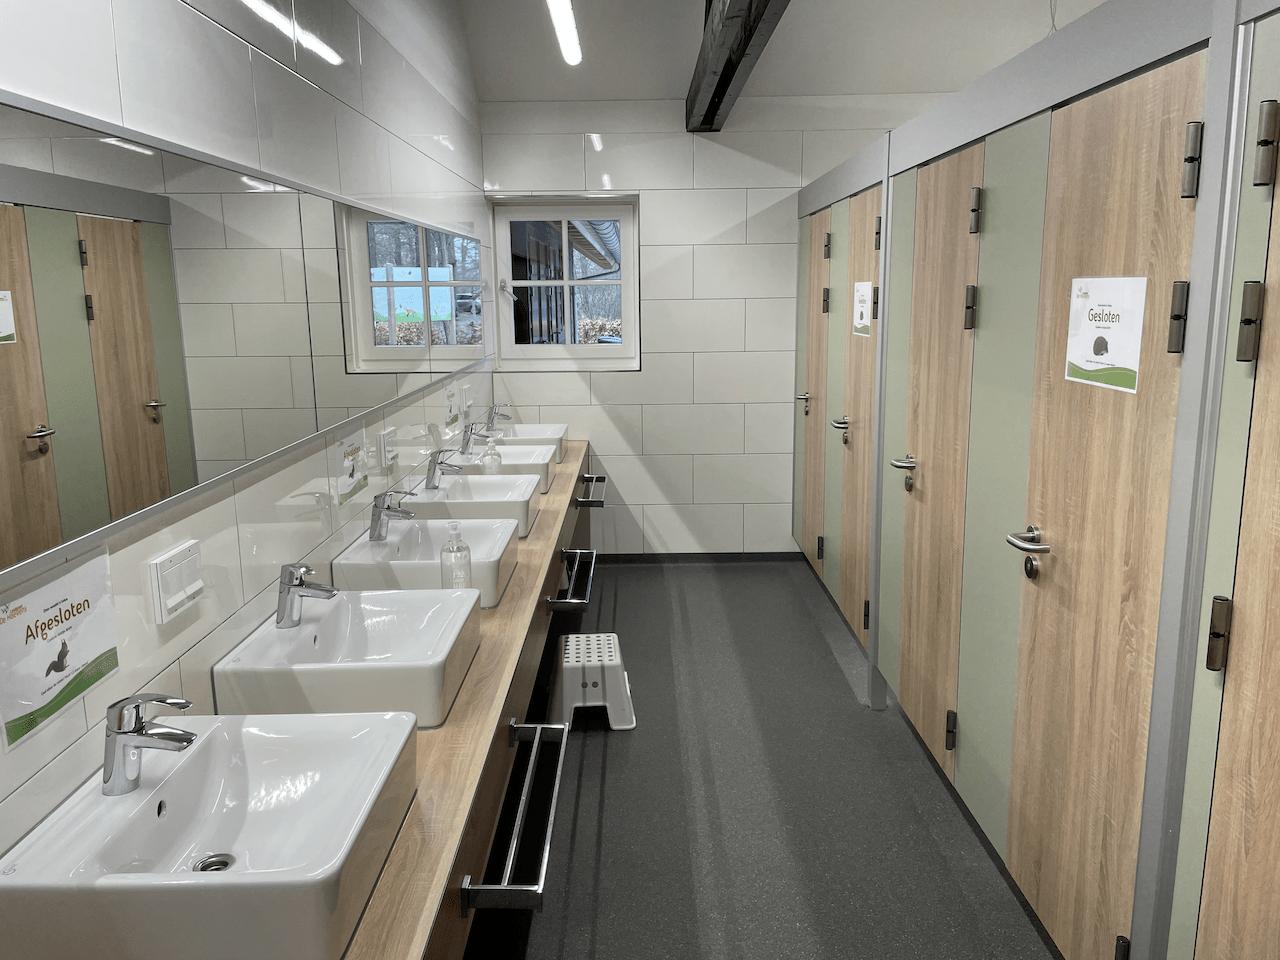 Sanitair gebouw Landgoed De Hoevens